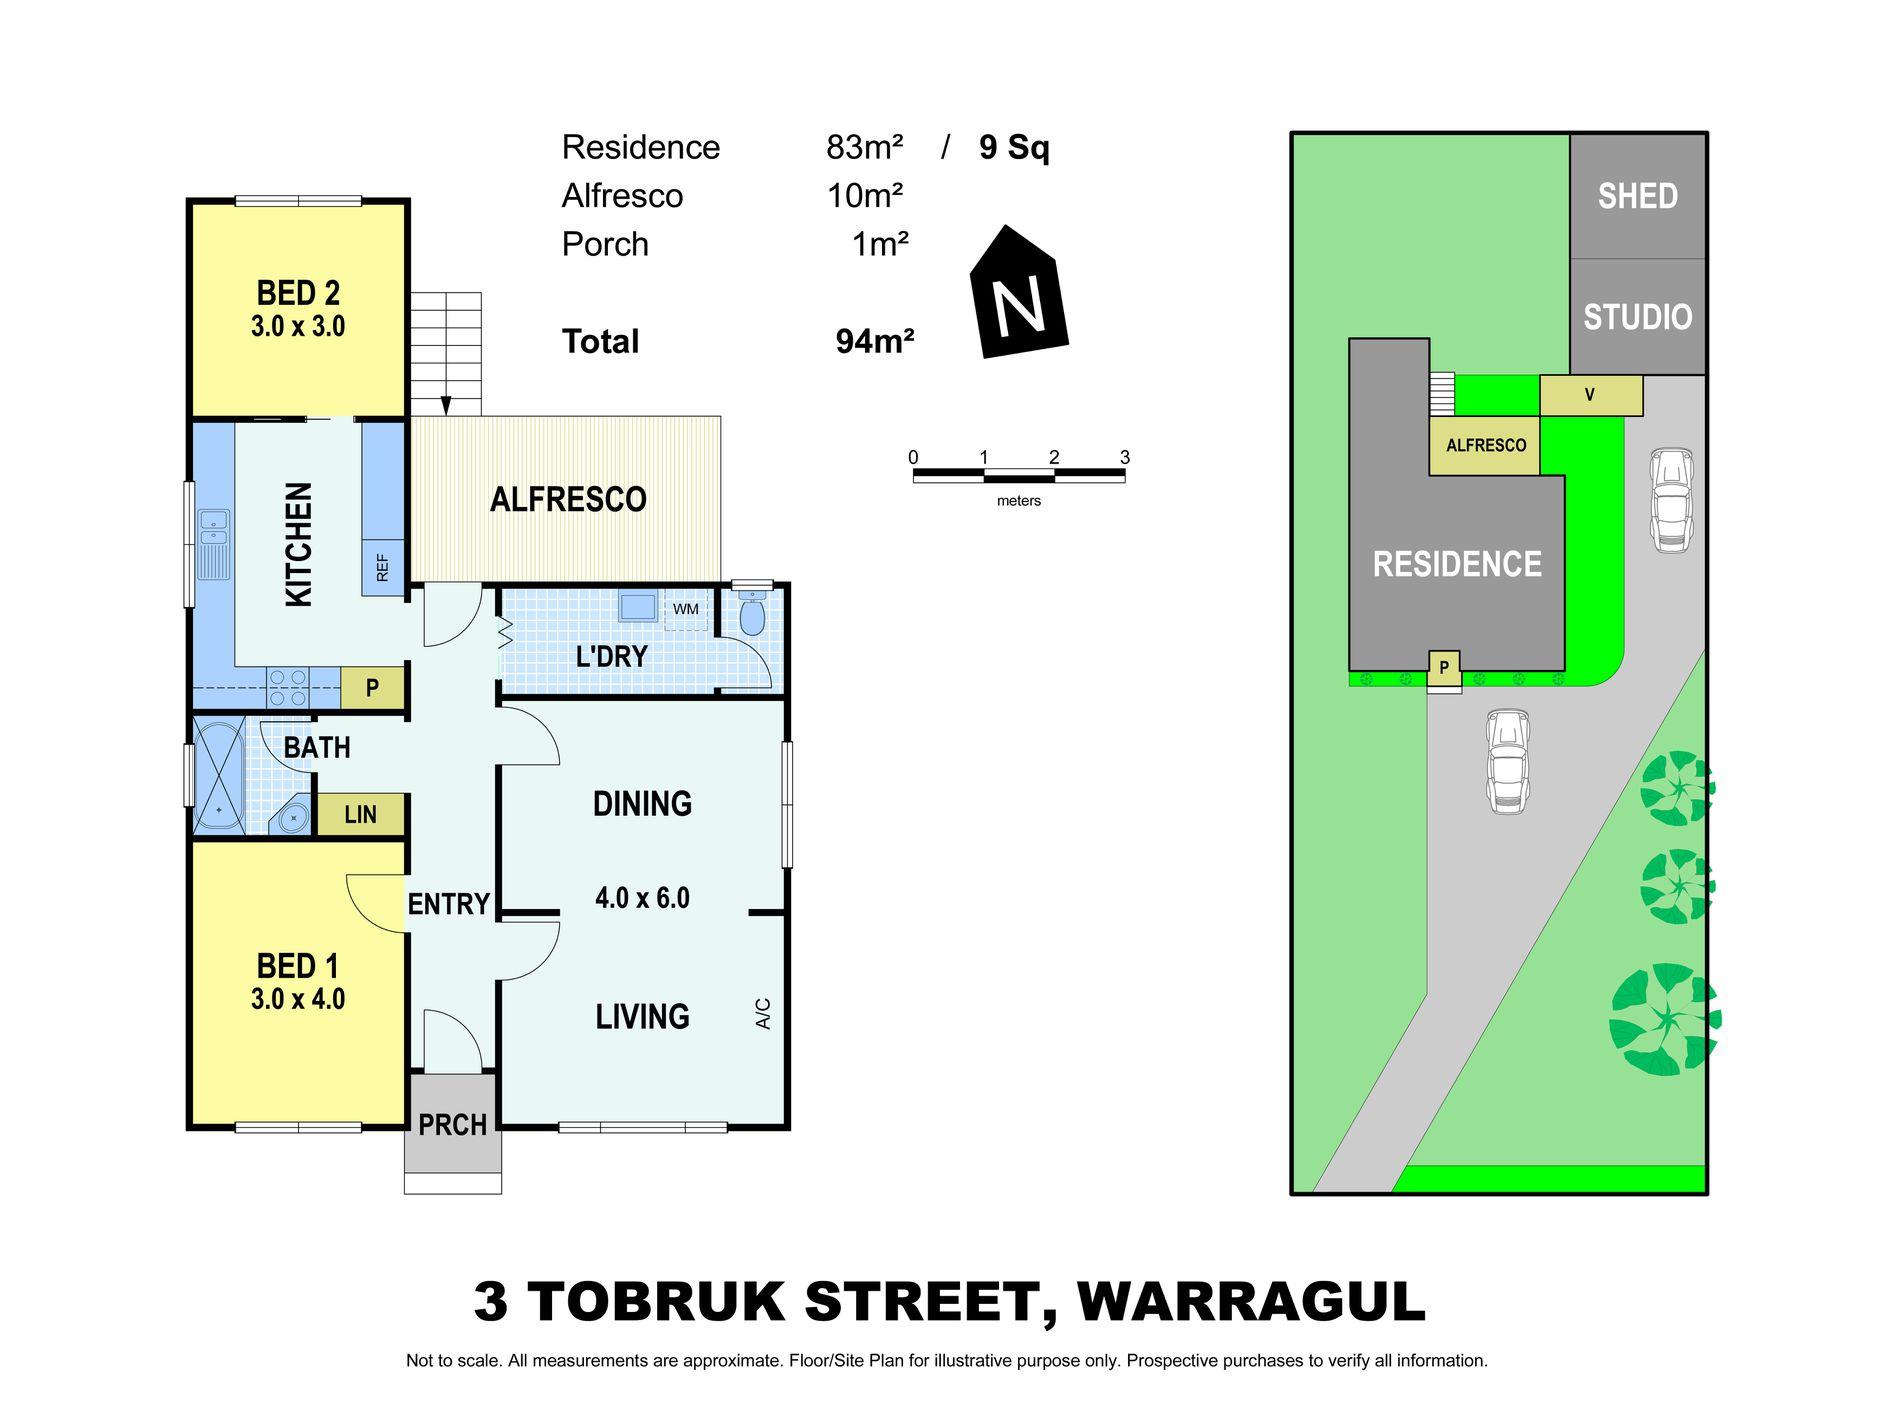 3 Tobruk Street, Warragul